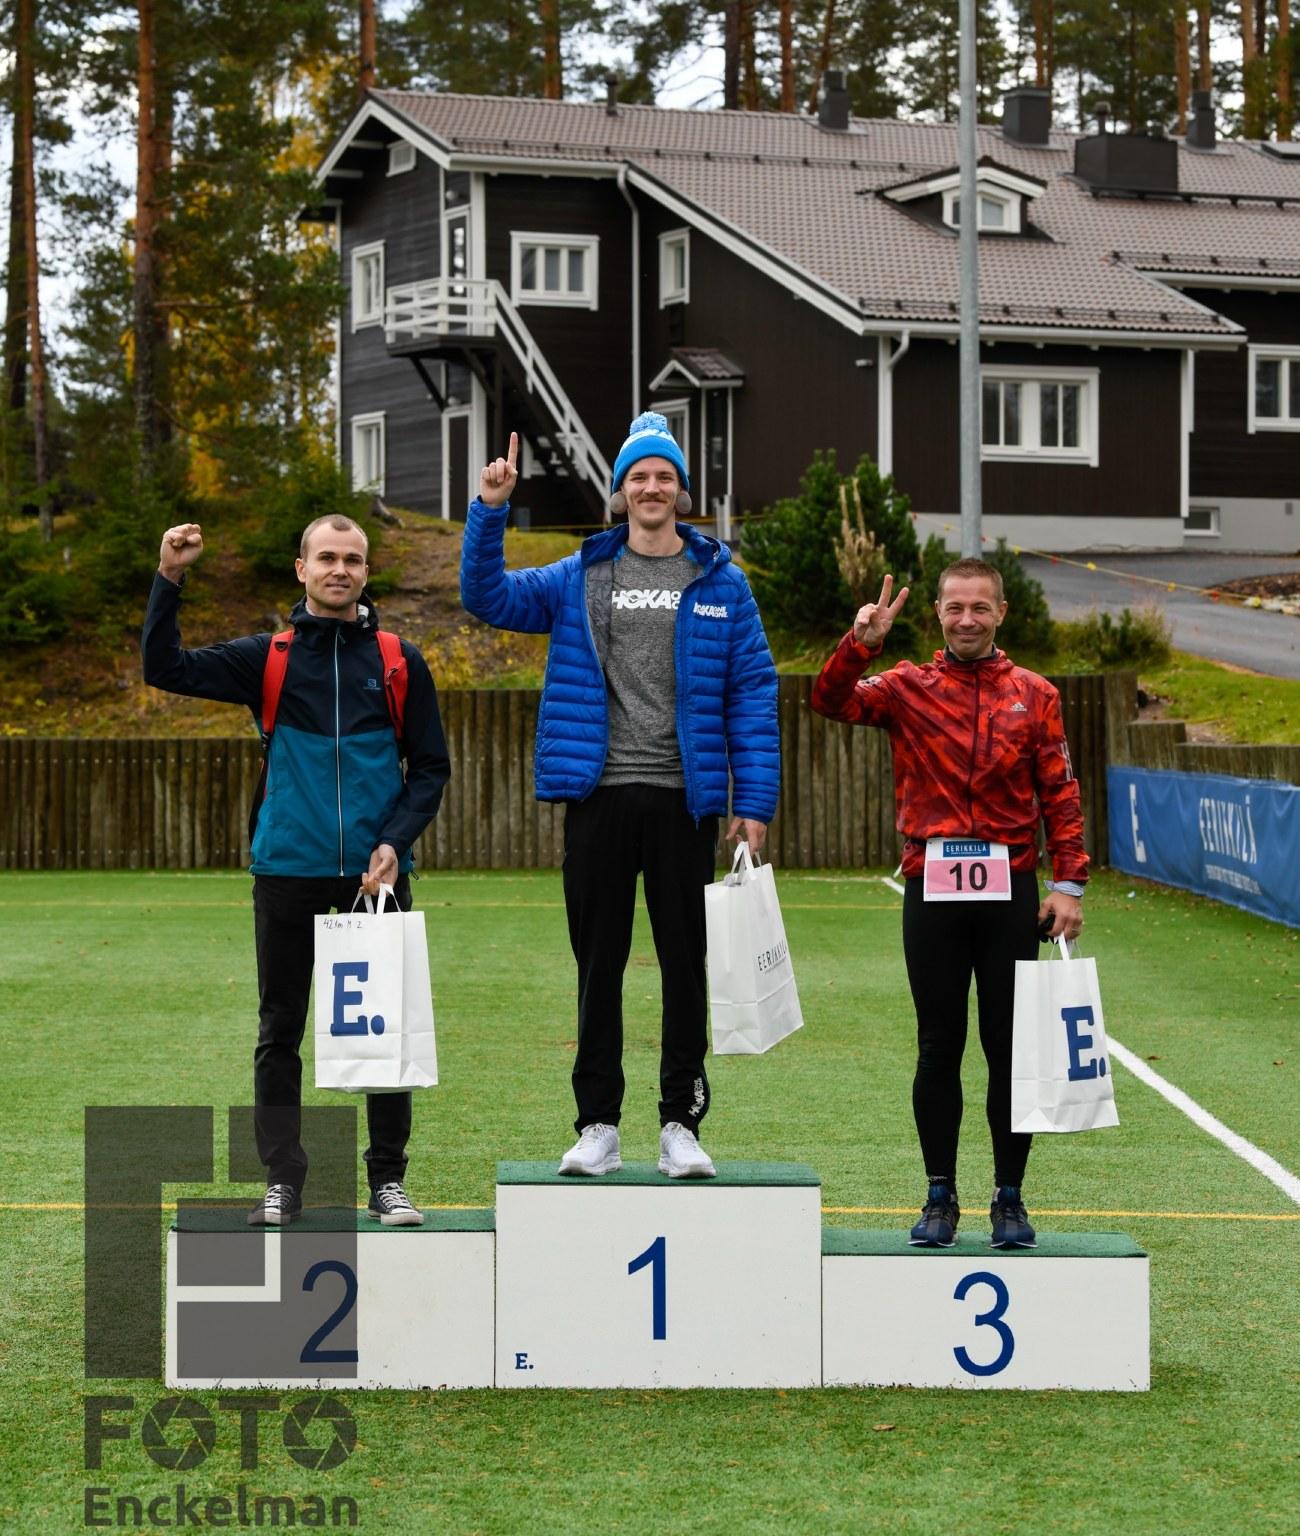 Eerikkilä Trail run 2019_2